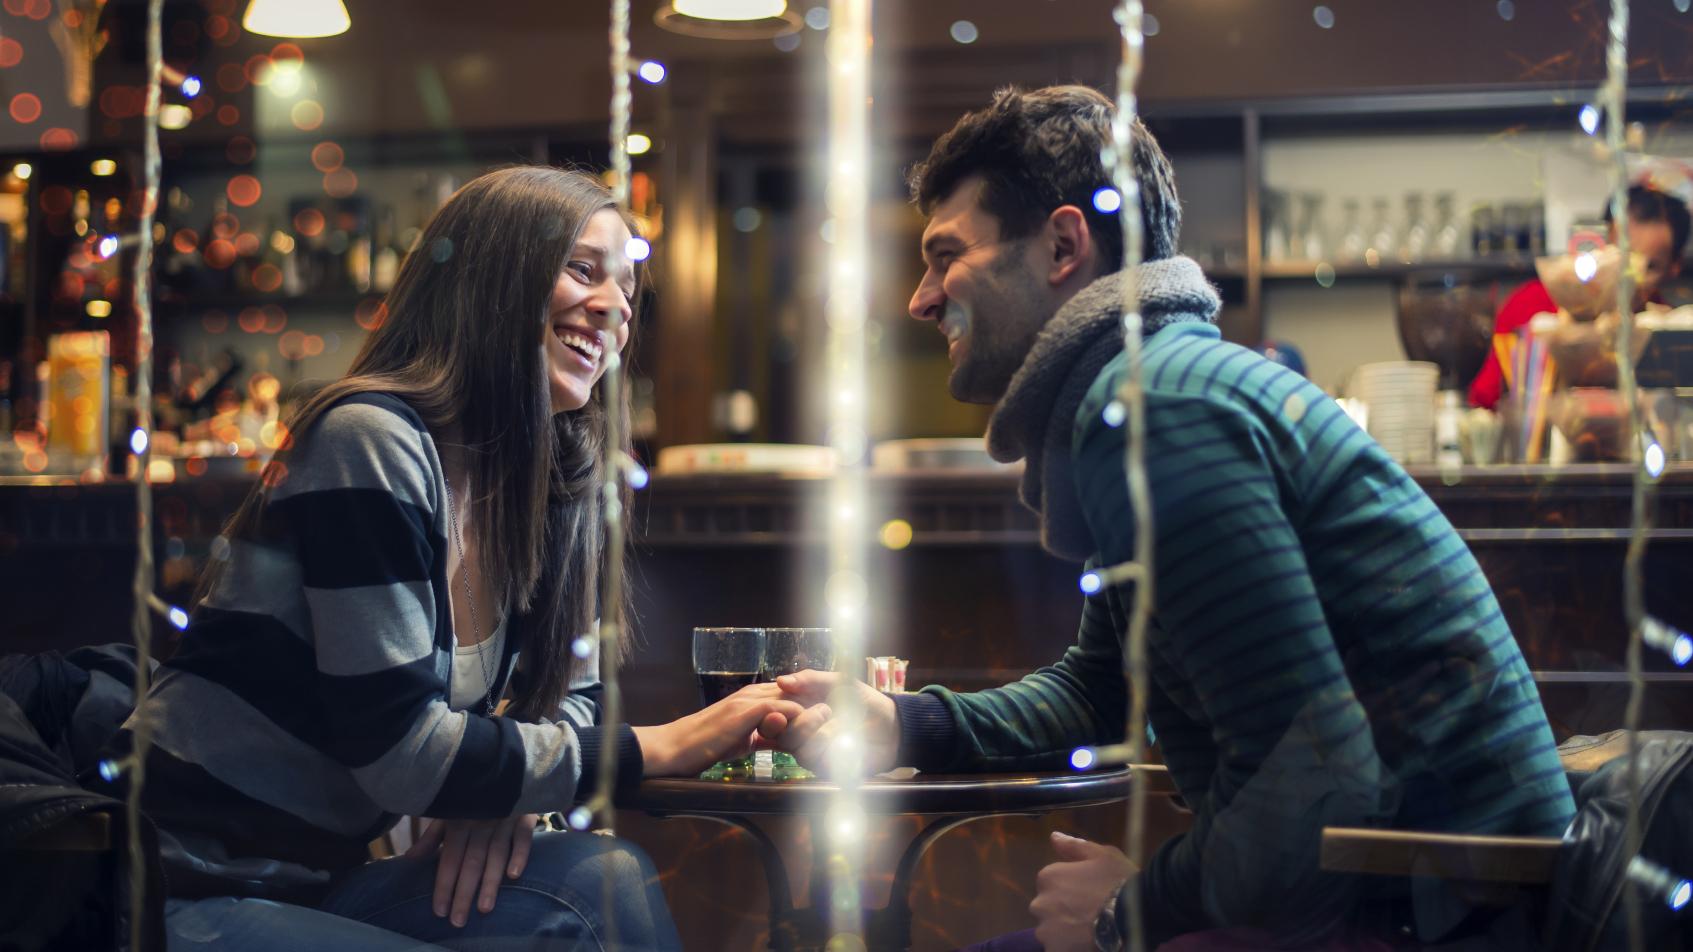 Best way to meet singles not online